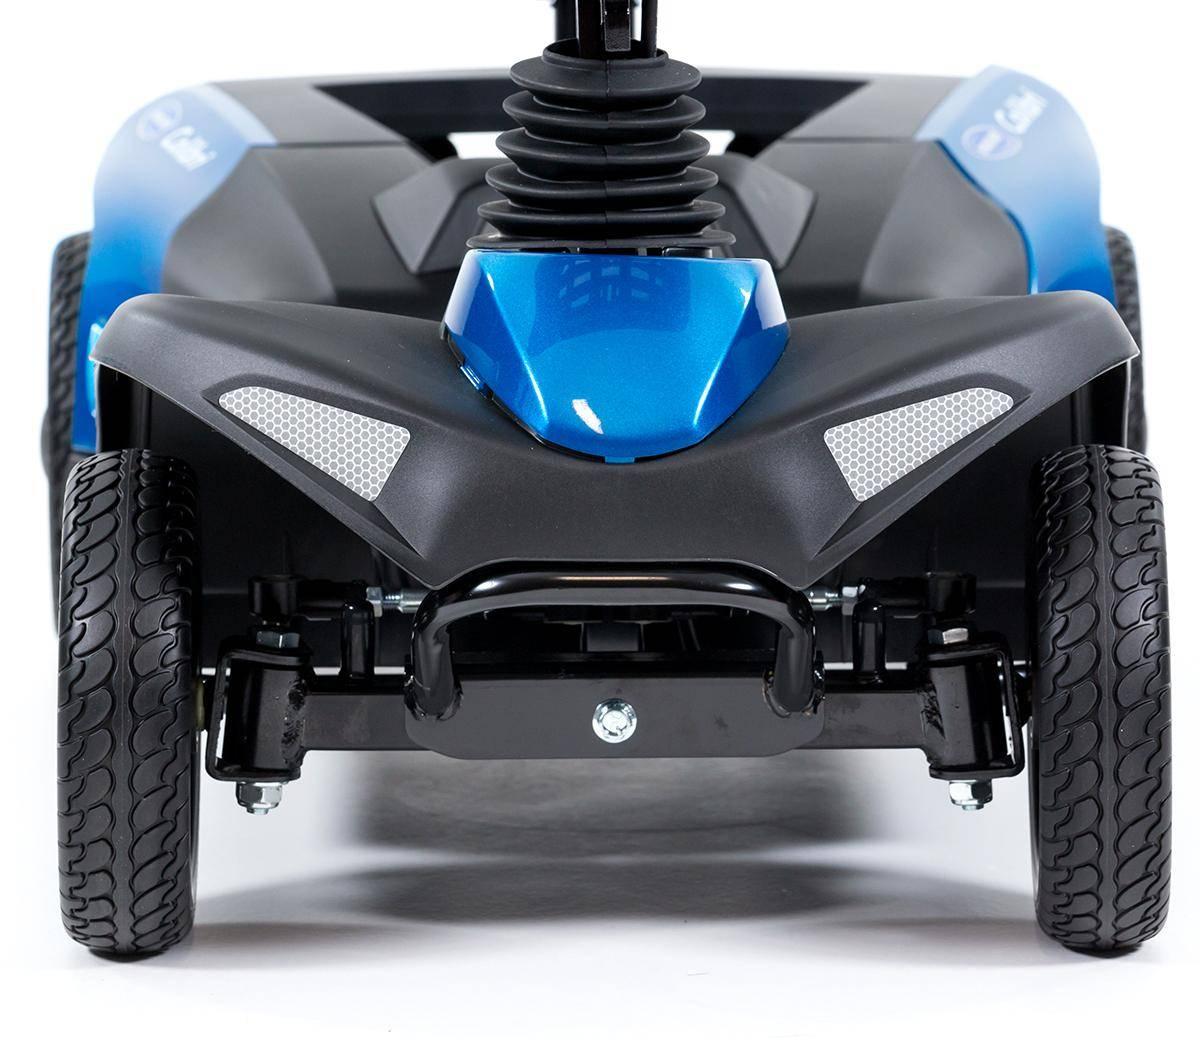 Das Elektromobil Colibri von INVACARE im Rehashop kaufen   Rehashop CH